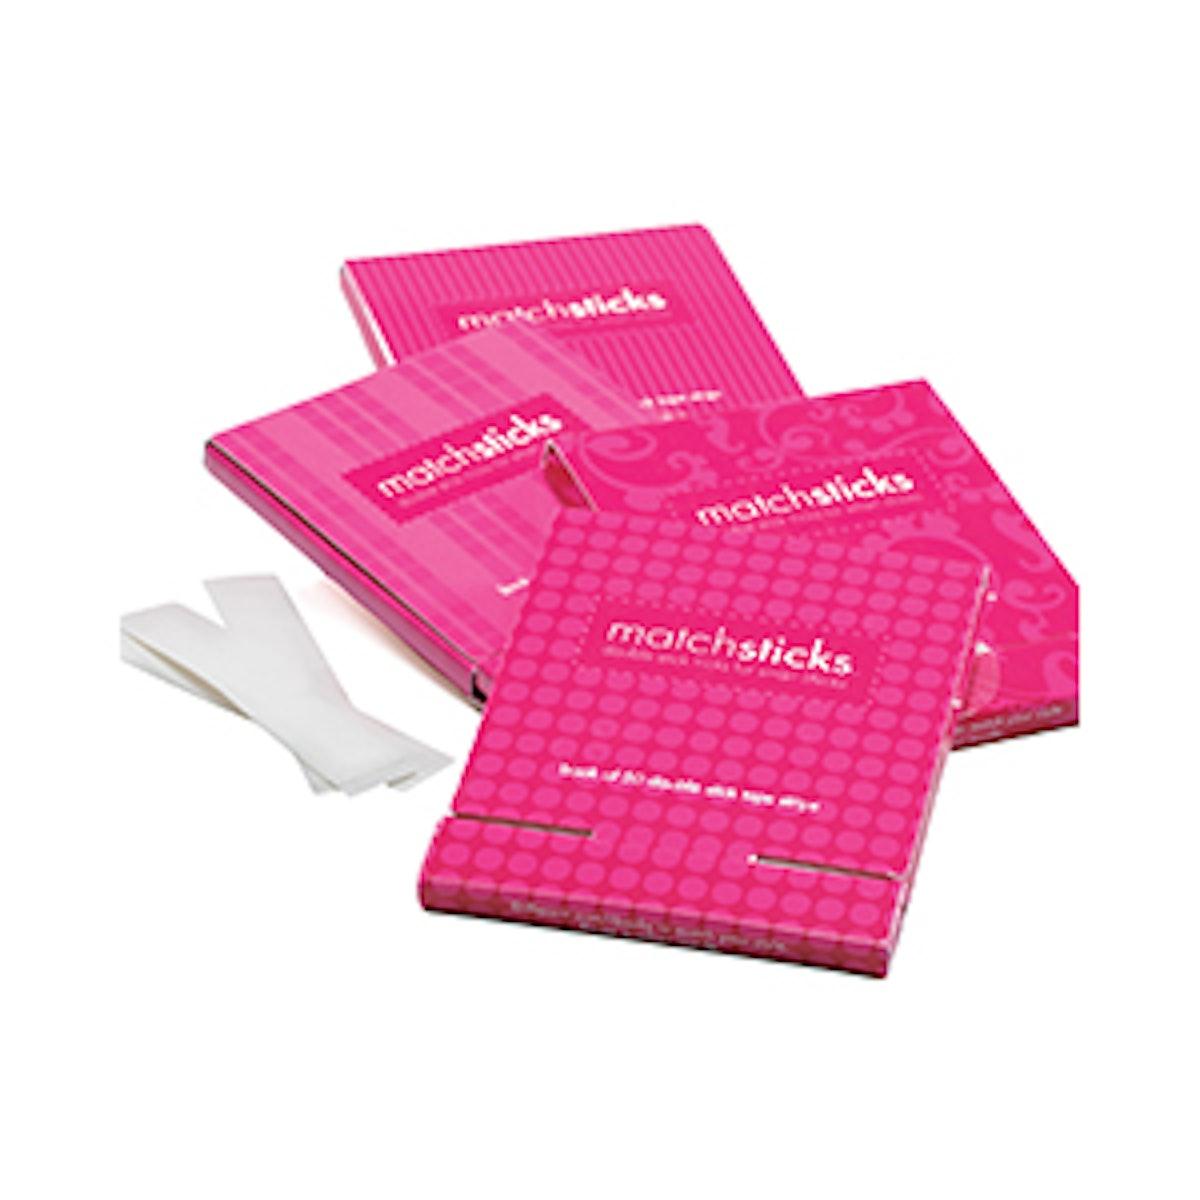 Matchsticks Tape Strips